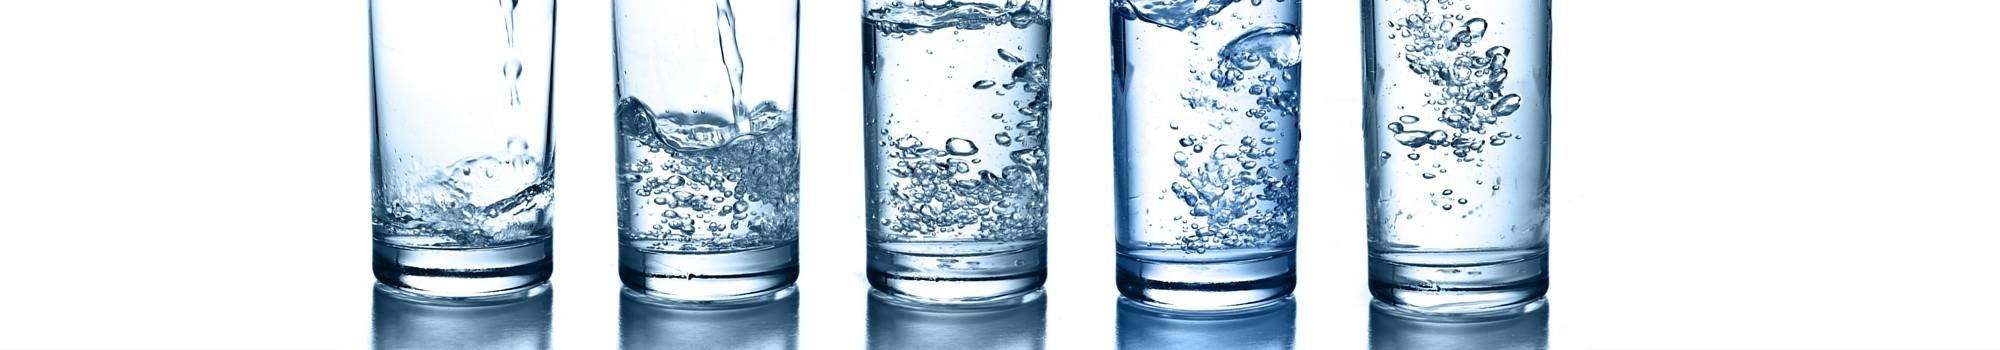 analisi acqua